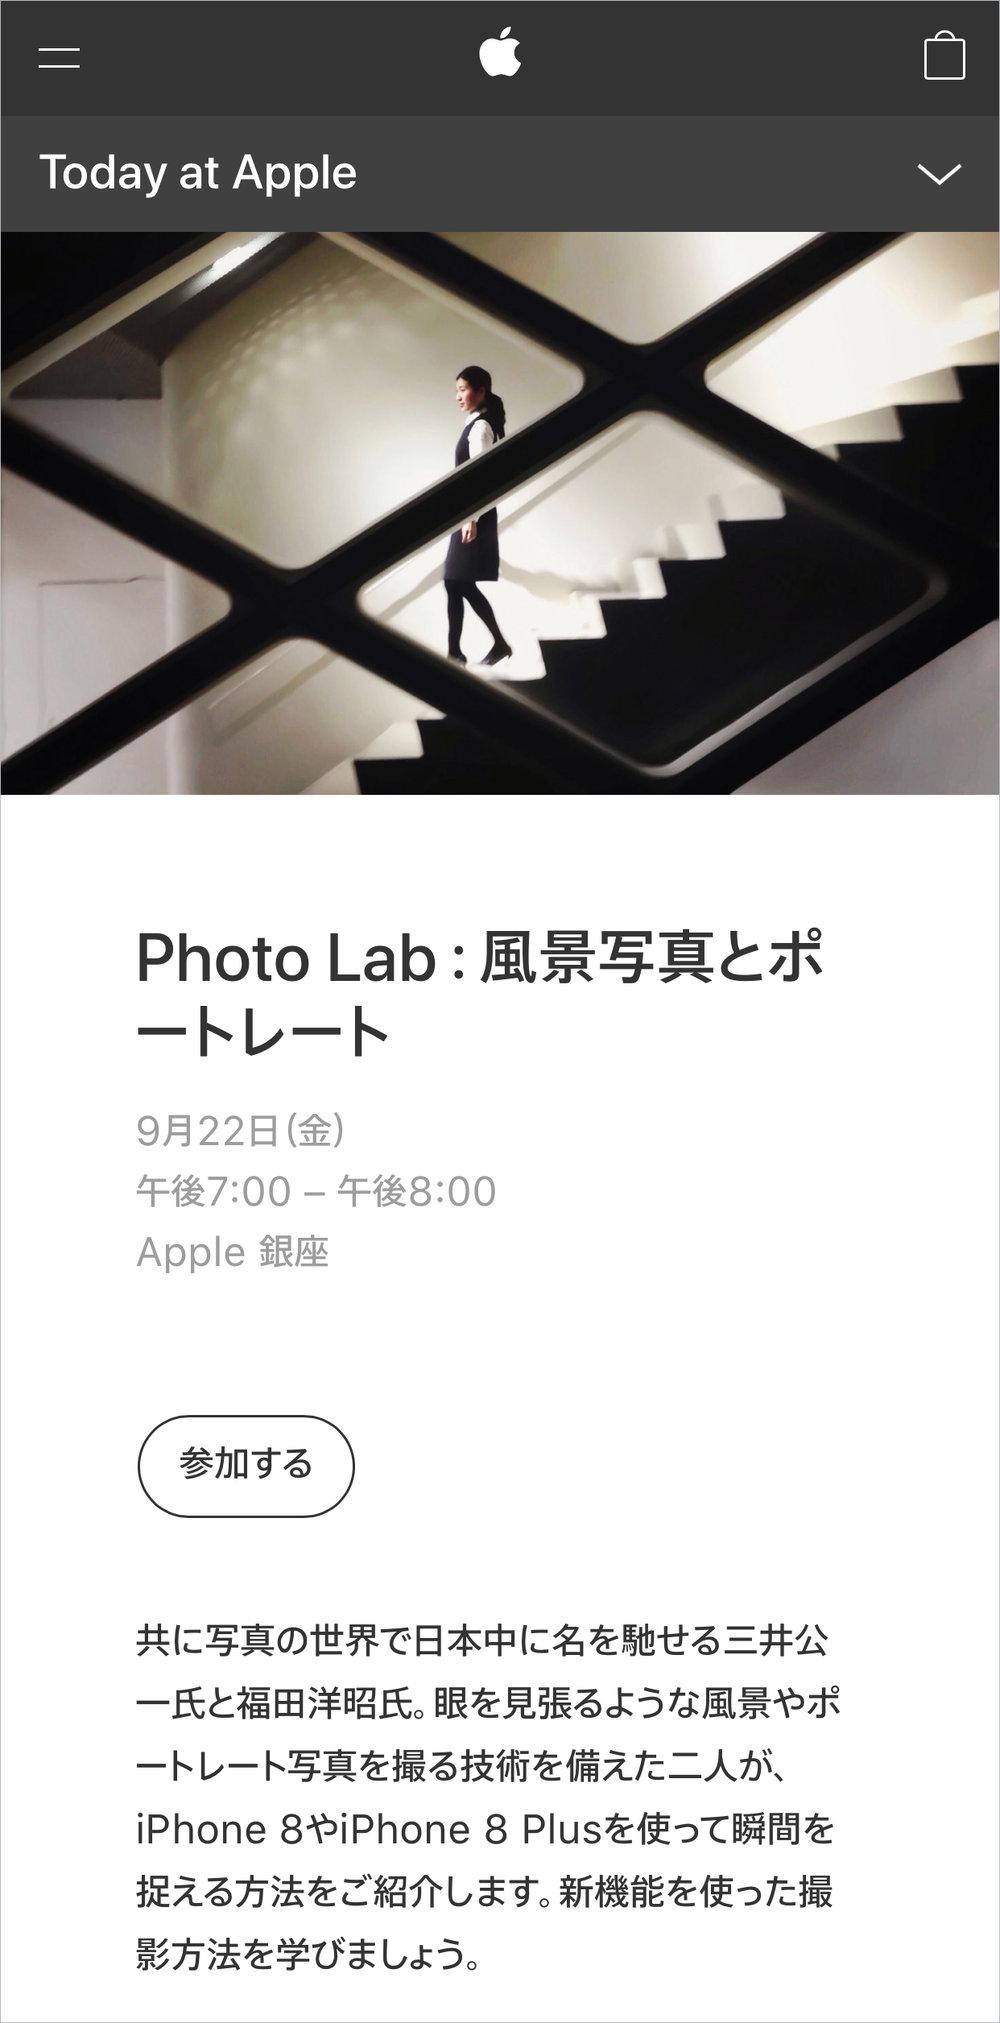 IMG_6850のコピー.jpg